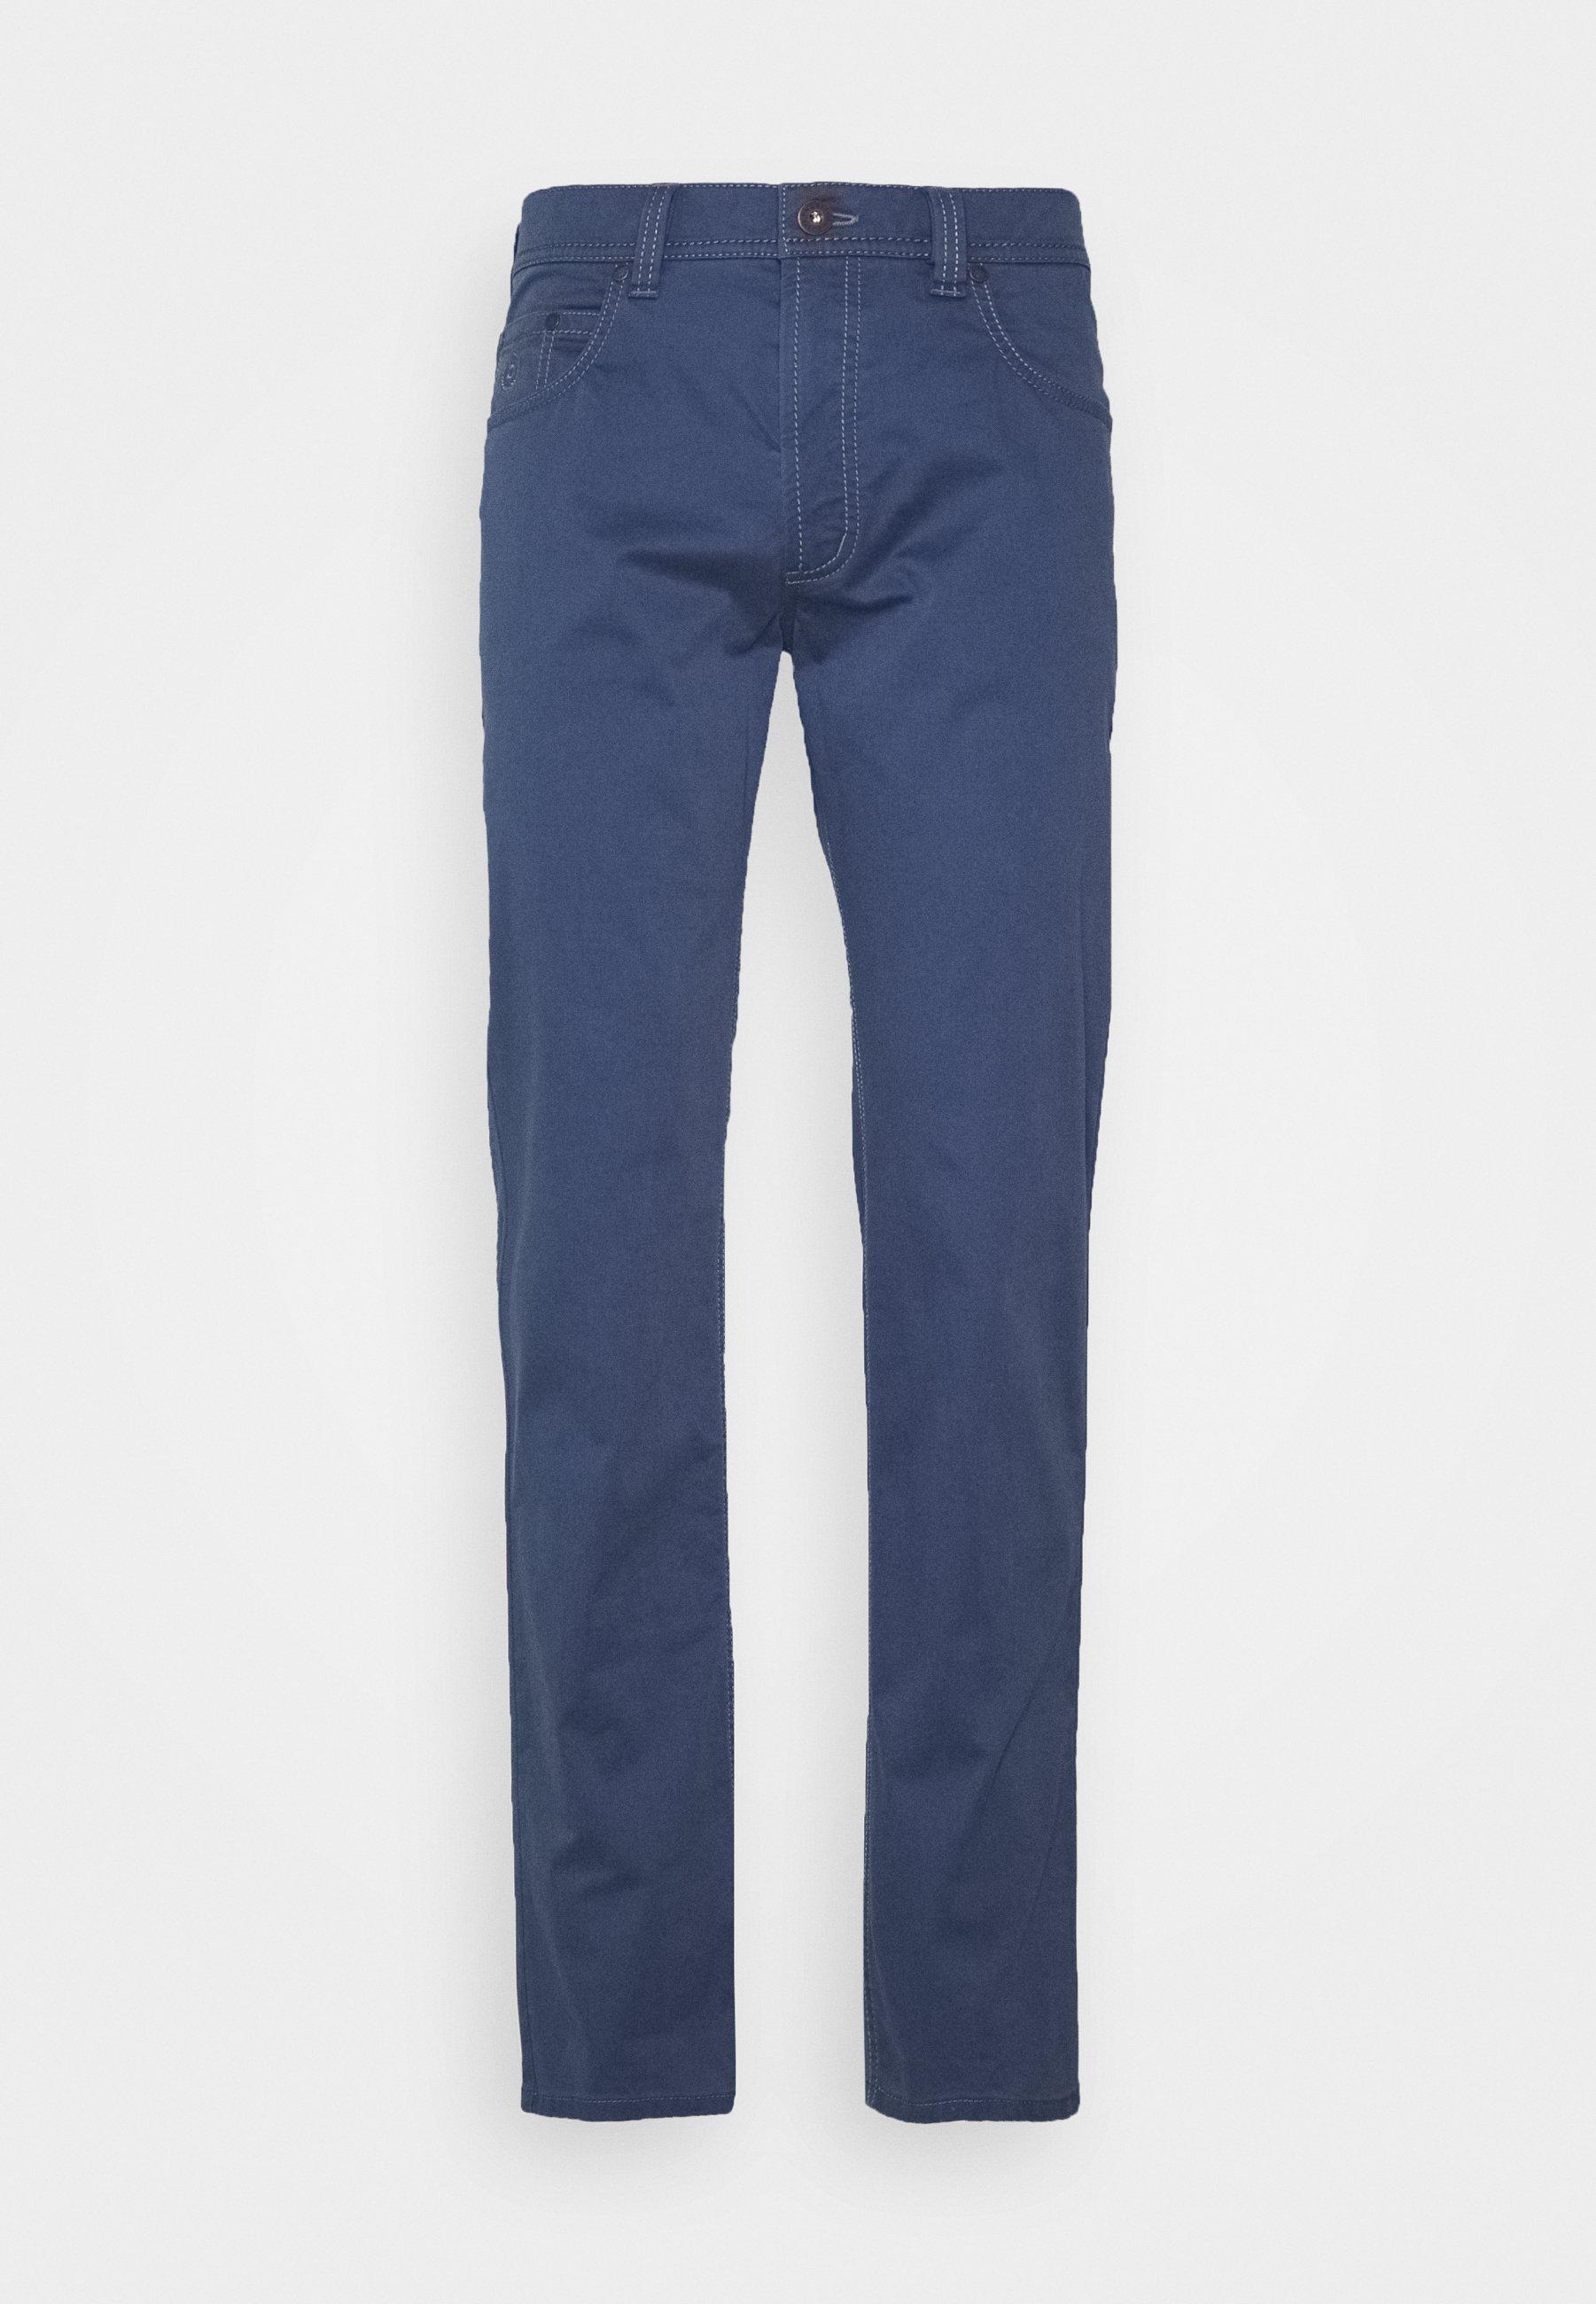 Bugatti Broken Twill Trouser - Bukse Blue/blå